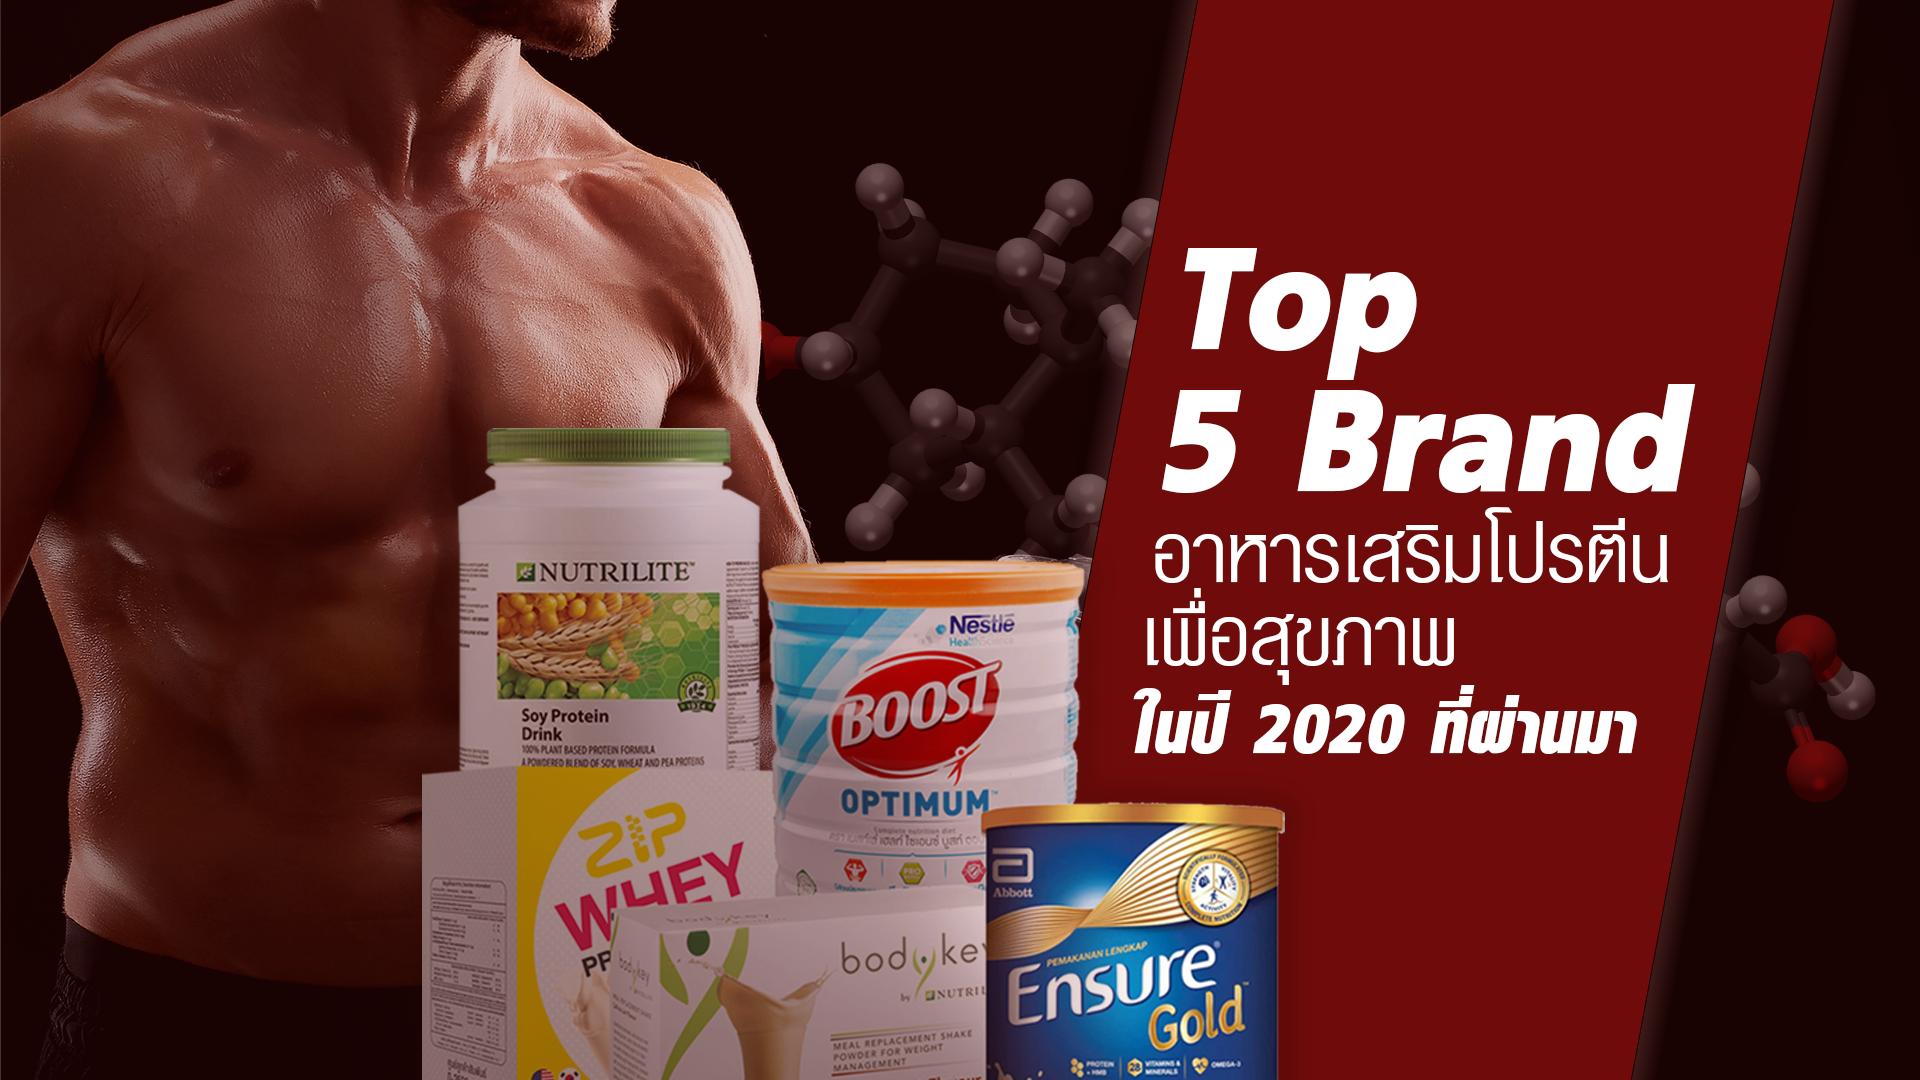 Top 5 Brand อาหารเสริมโปรตีนเพื่อสุขภาพในปี 2020 ที่ผ่านมา